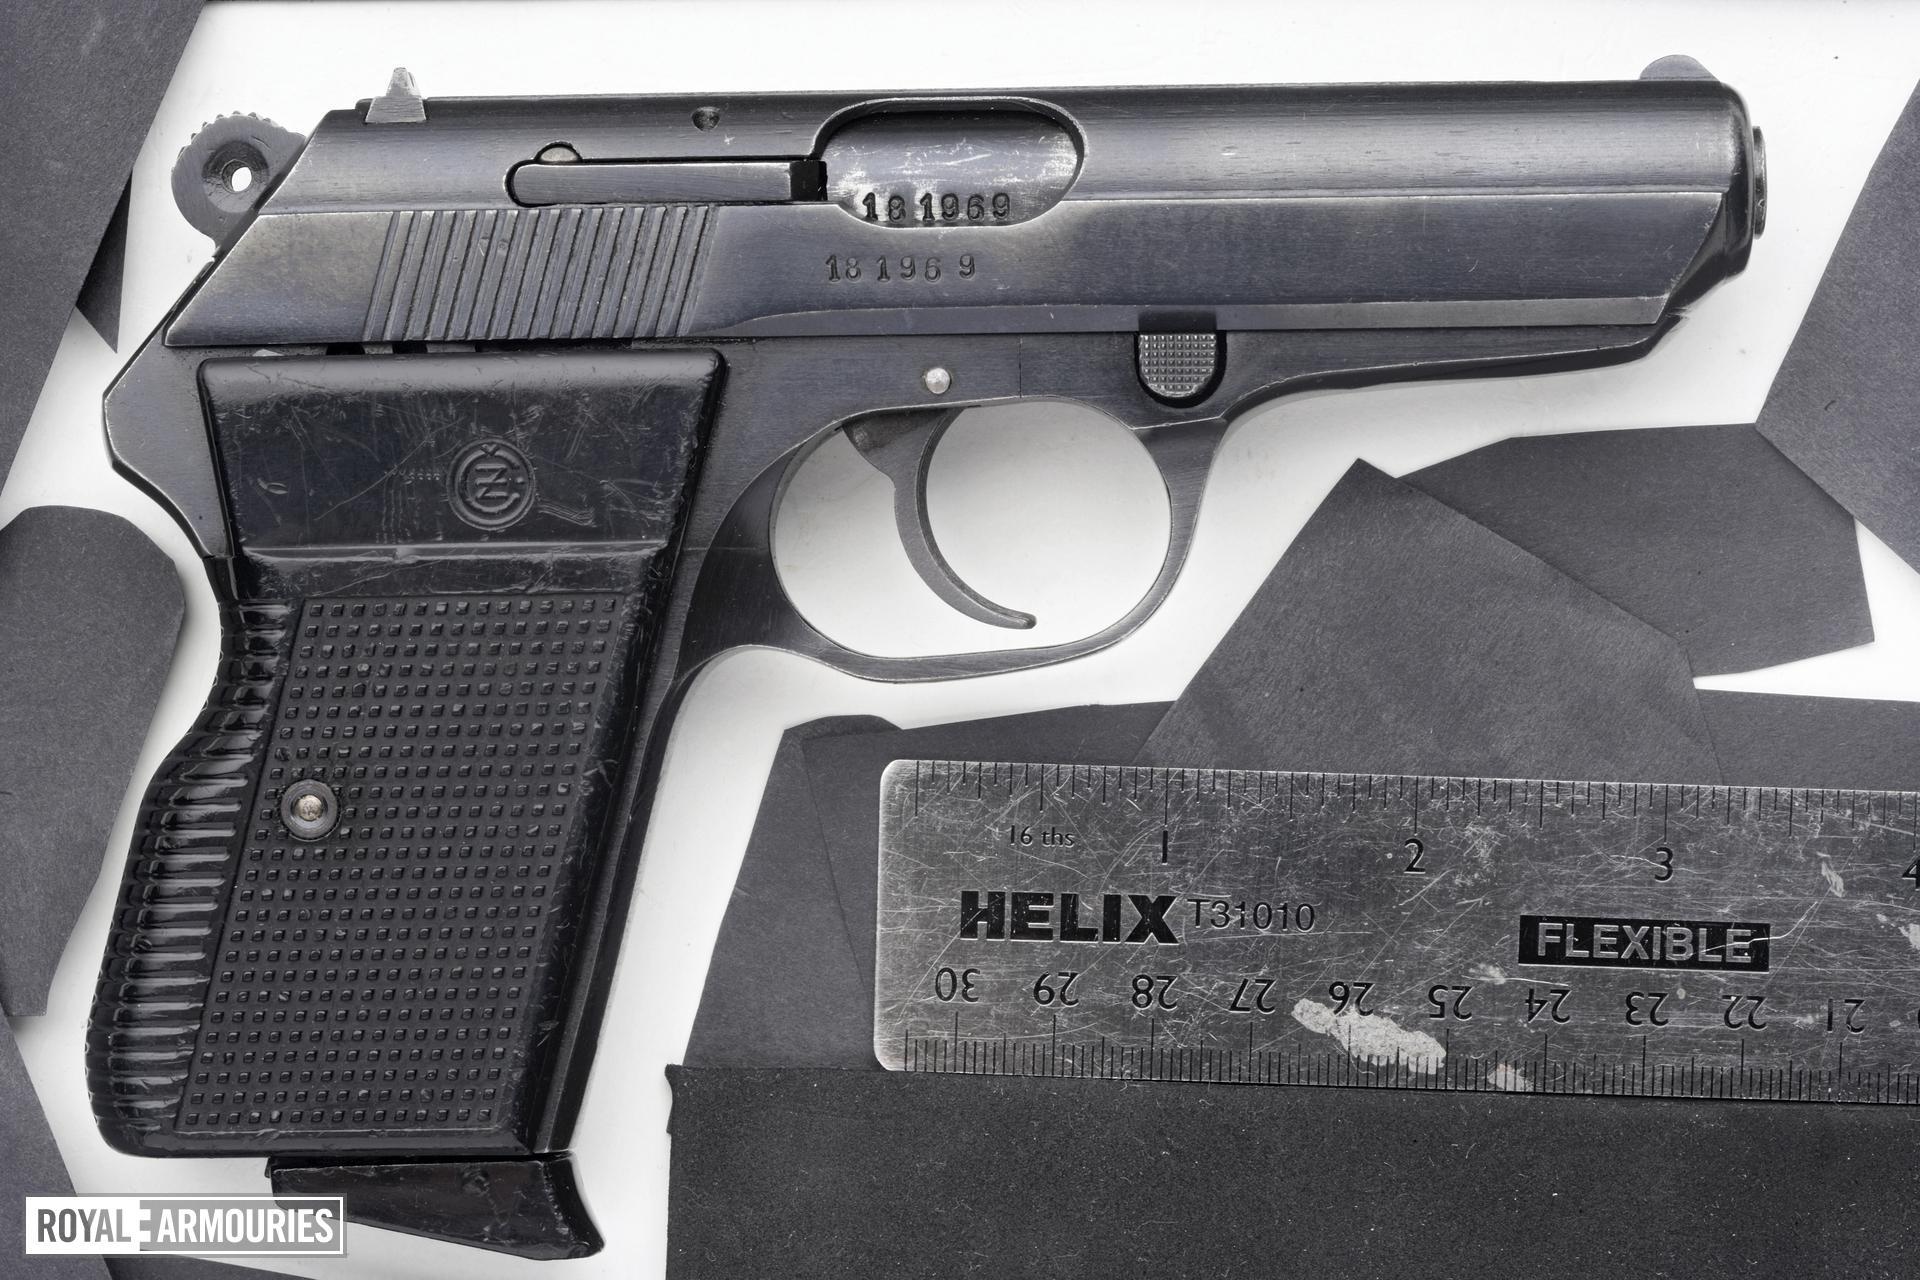 Centrefire self-loading pistol - CZ VZ70